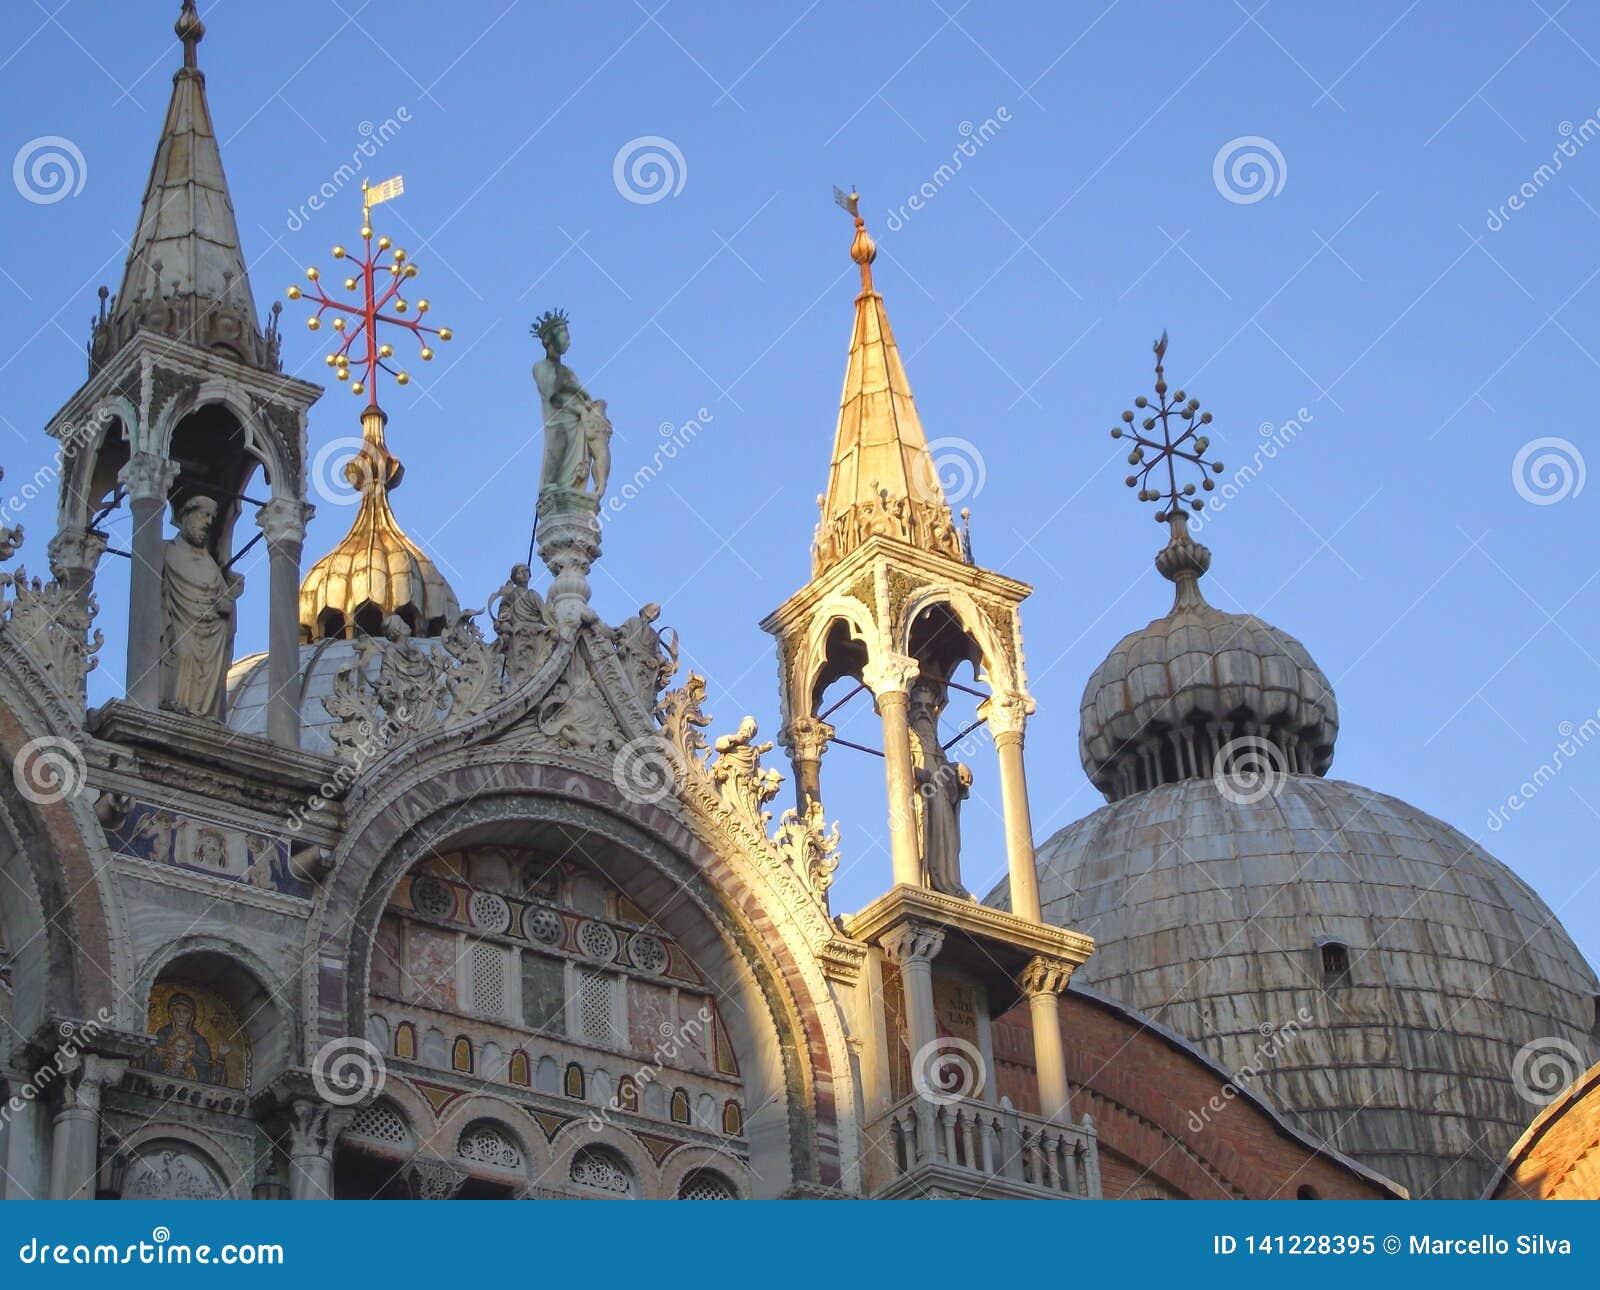 La cupola della chiesa a Venezia